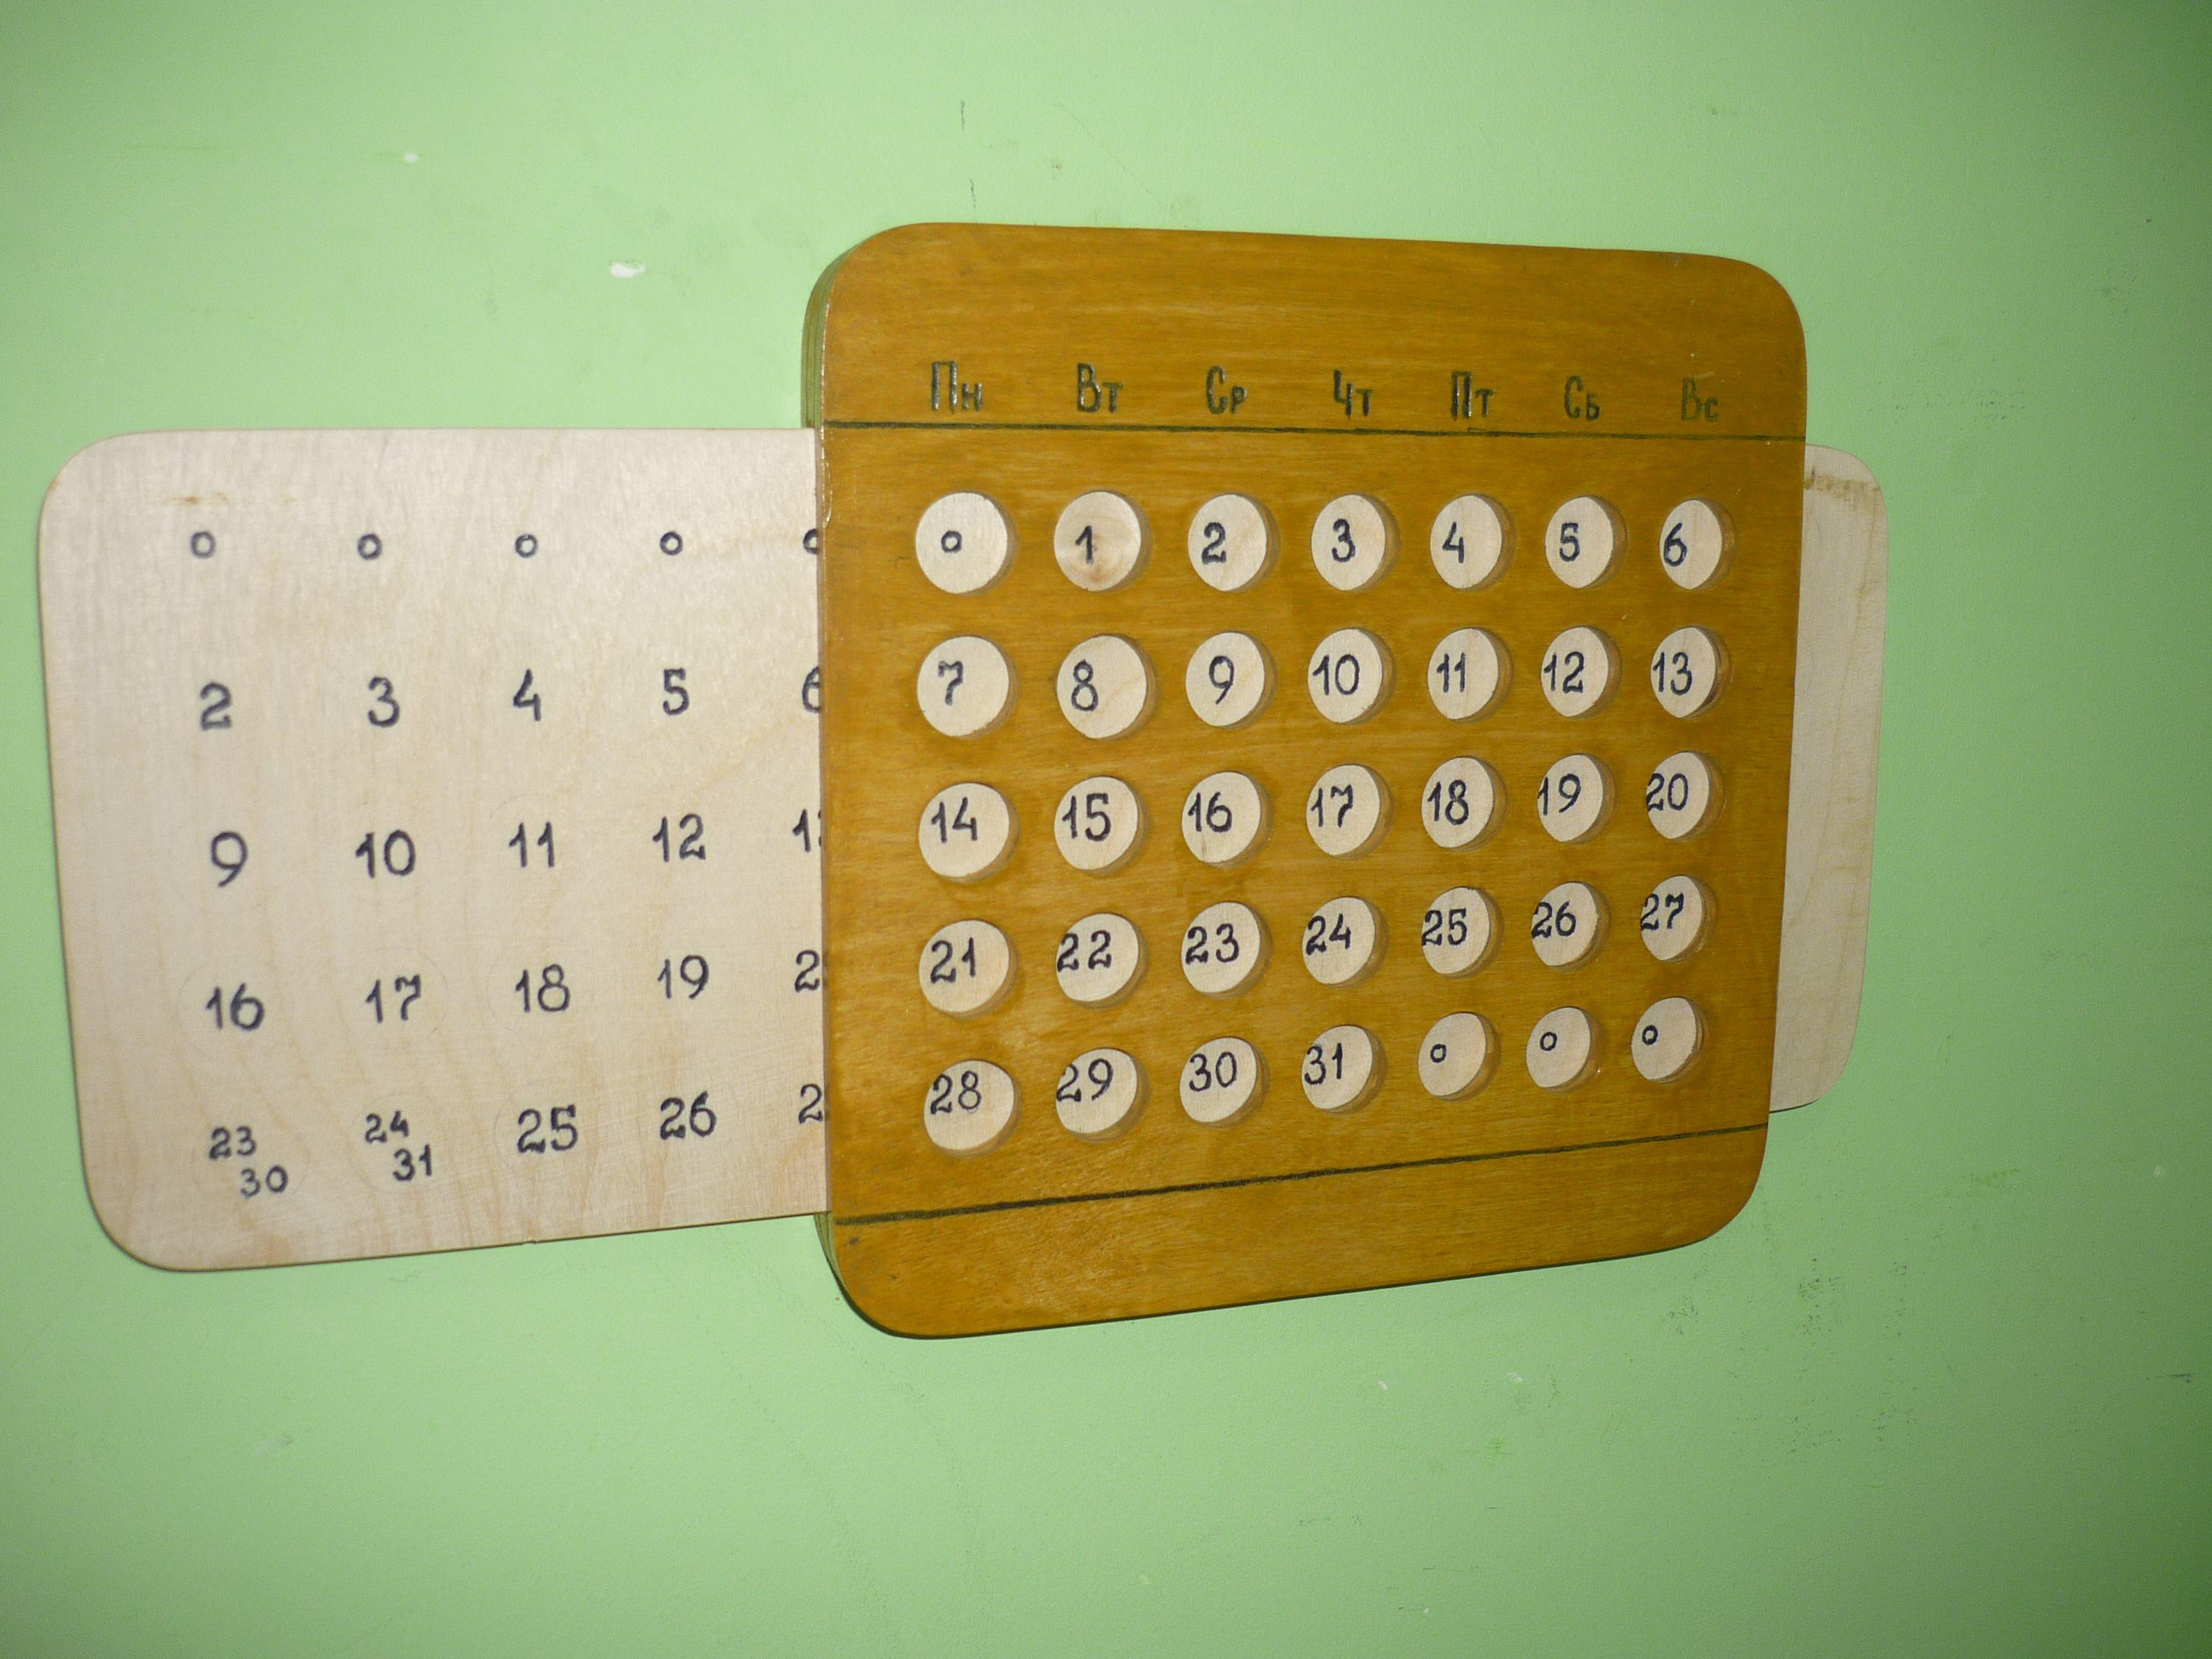 дома работа ручная для интерьер дизайн календарь дерево подарки